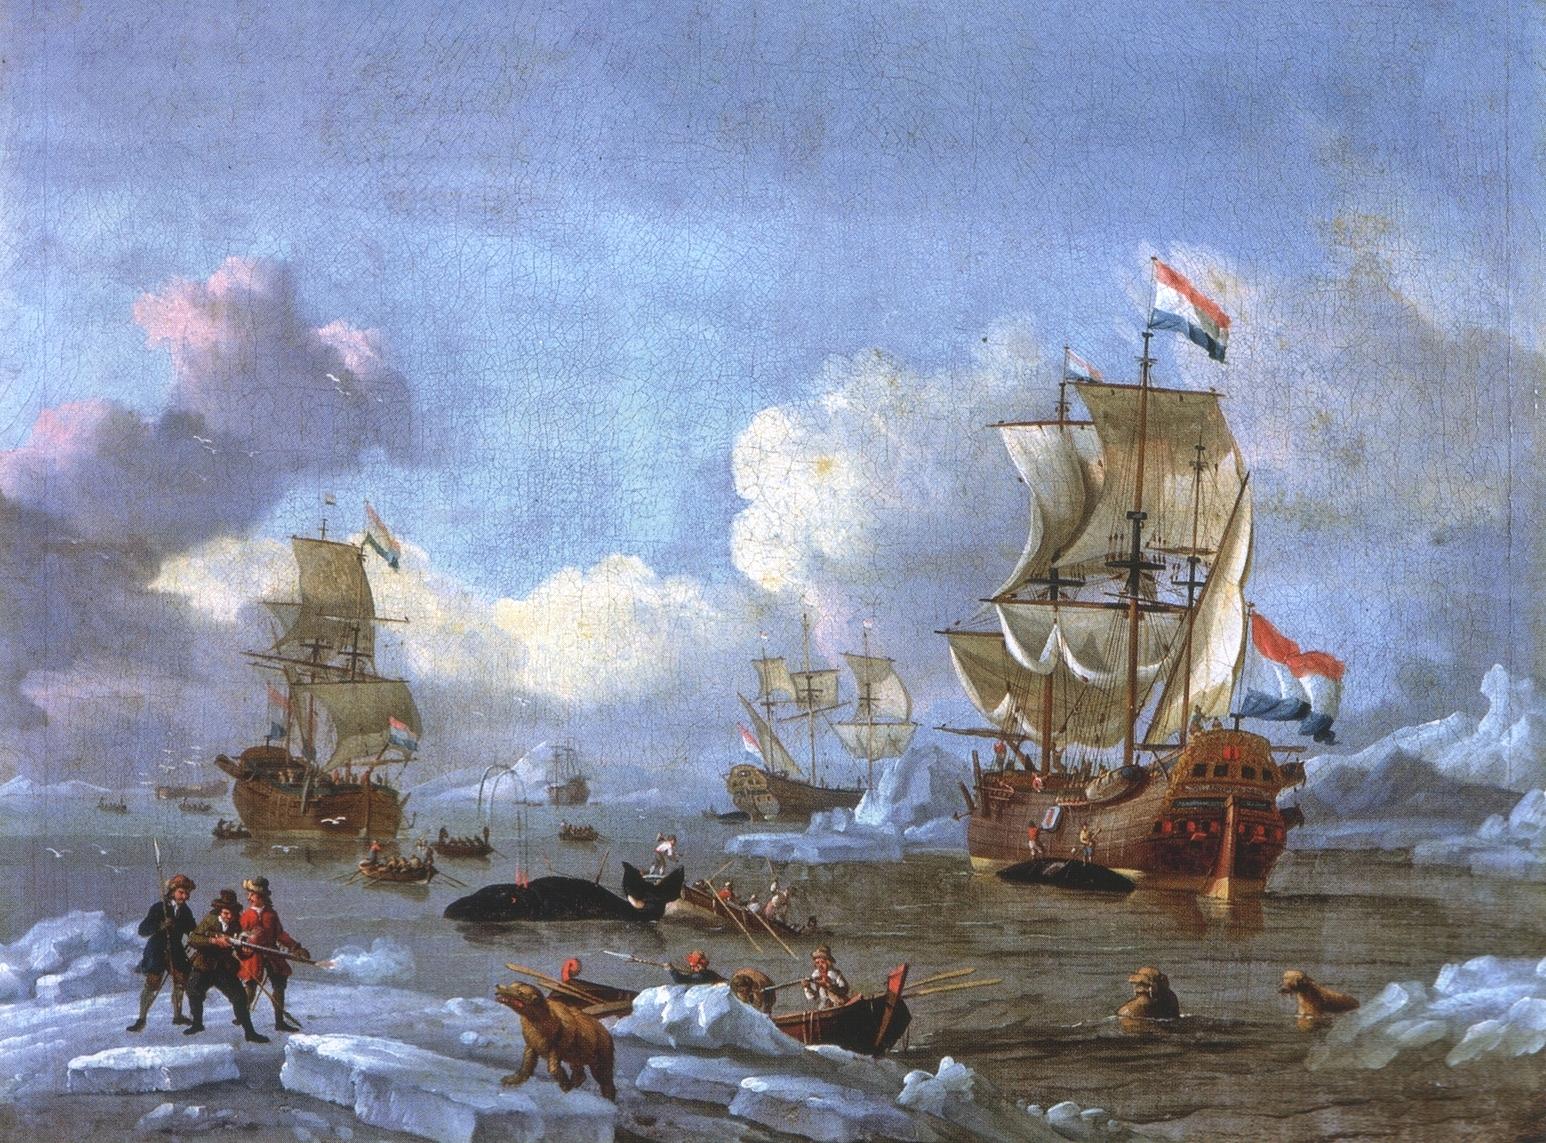 Арктическое судоходство: надлежащее управление, основанное на фактах, а не на мифах